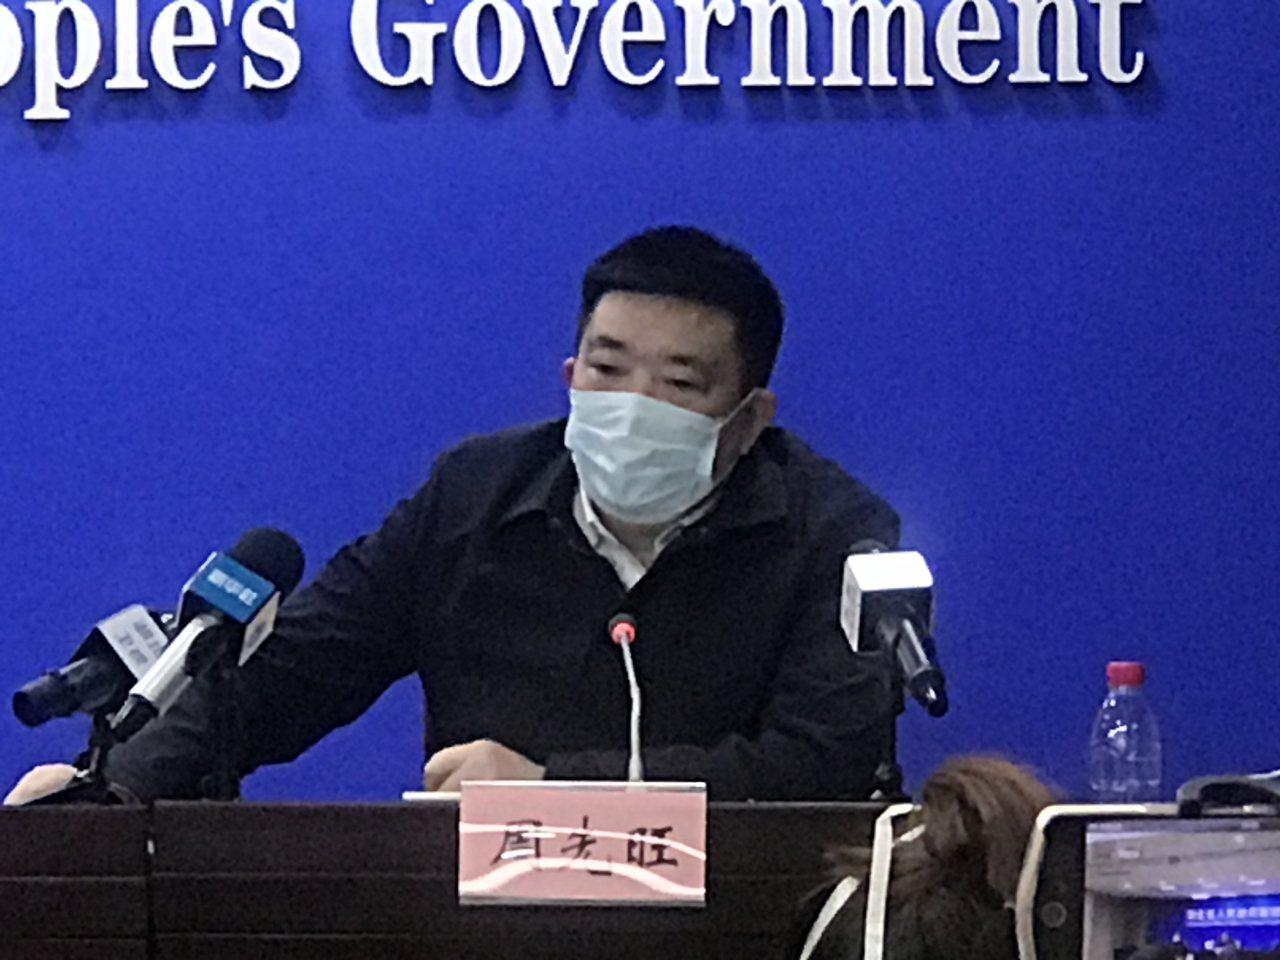 湖北舉行新型肺炎疫情防控工作新聞發布會。圖為武漢市市長周先旺。 (中新社)